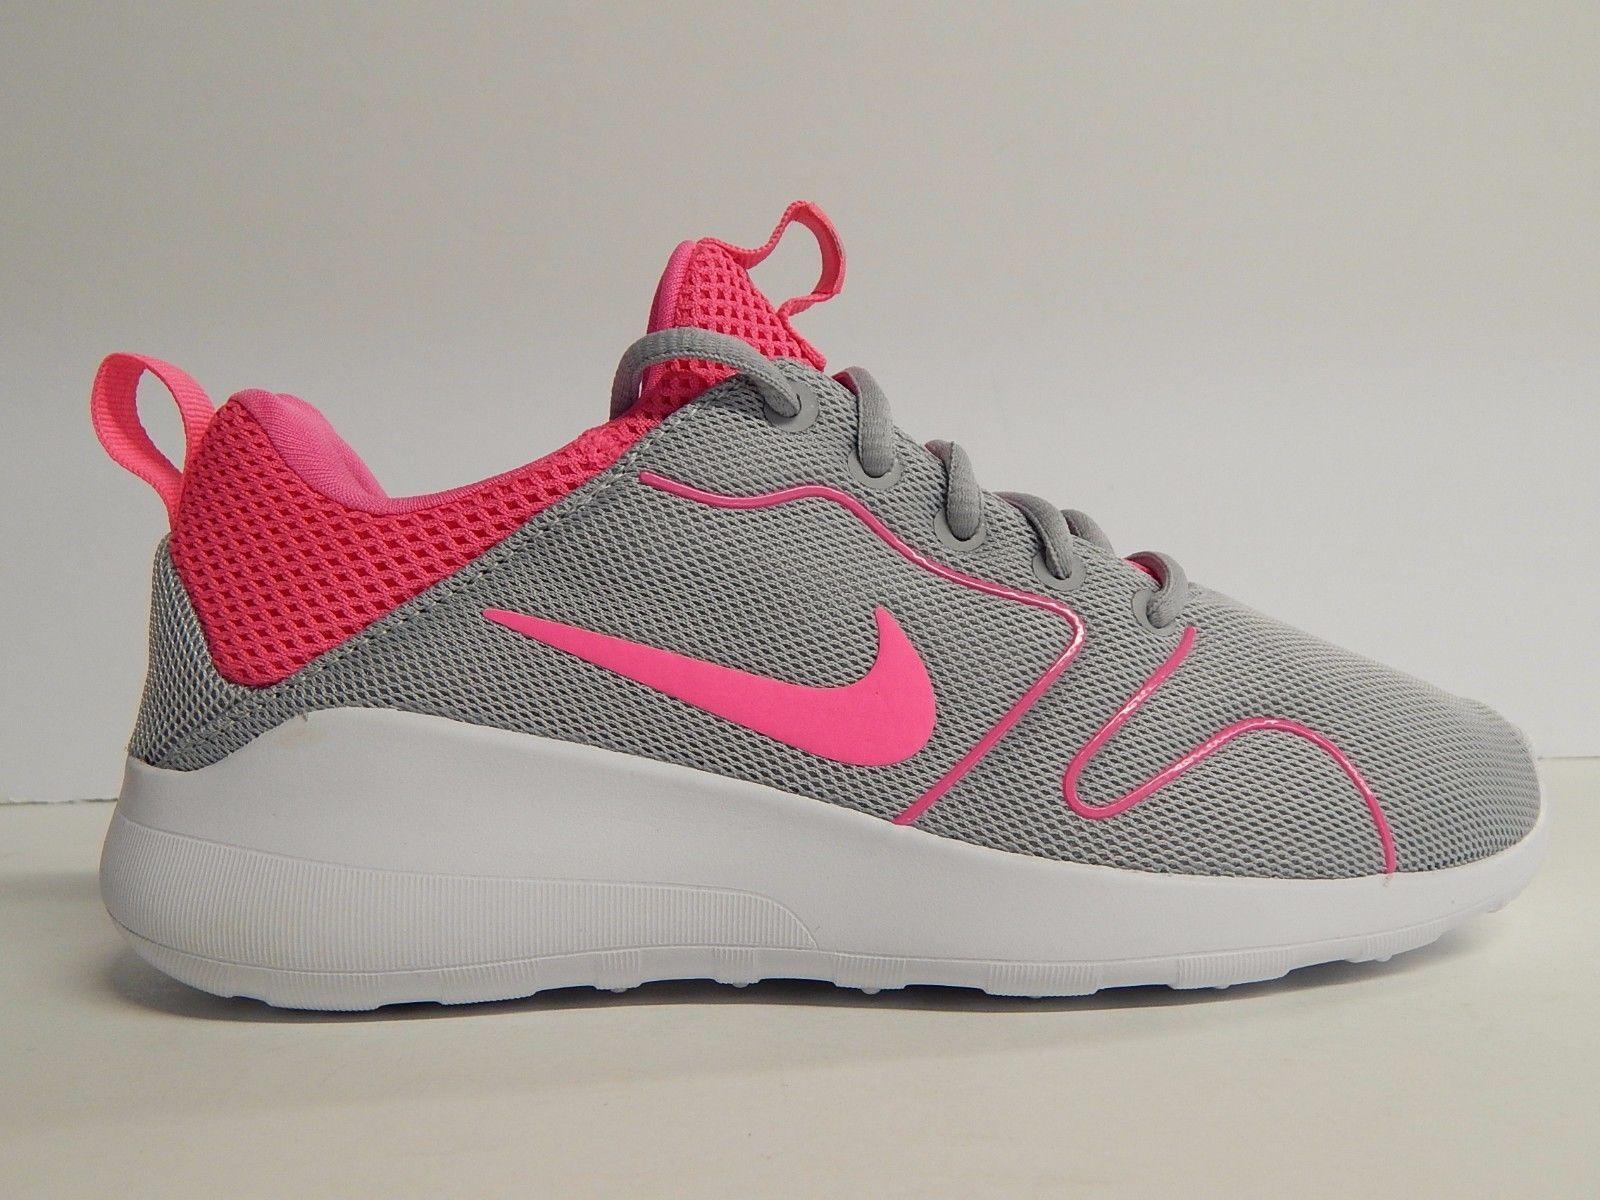 833666-051 Women's Nike Kaishi 2.0 Fashion Grey/Pink-White Sizes 6-10 New In Box